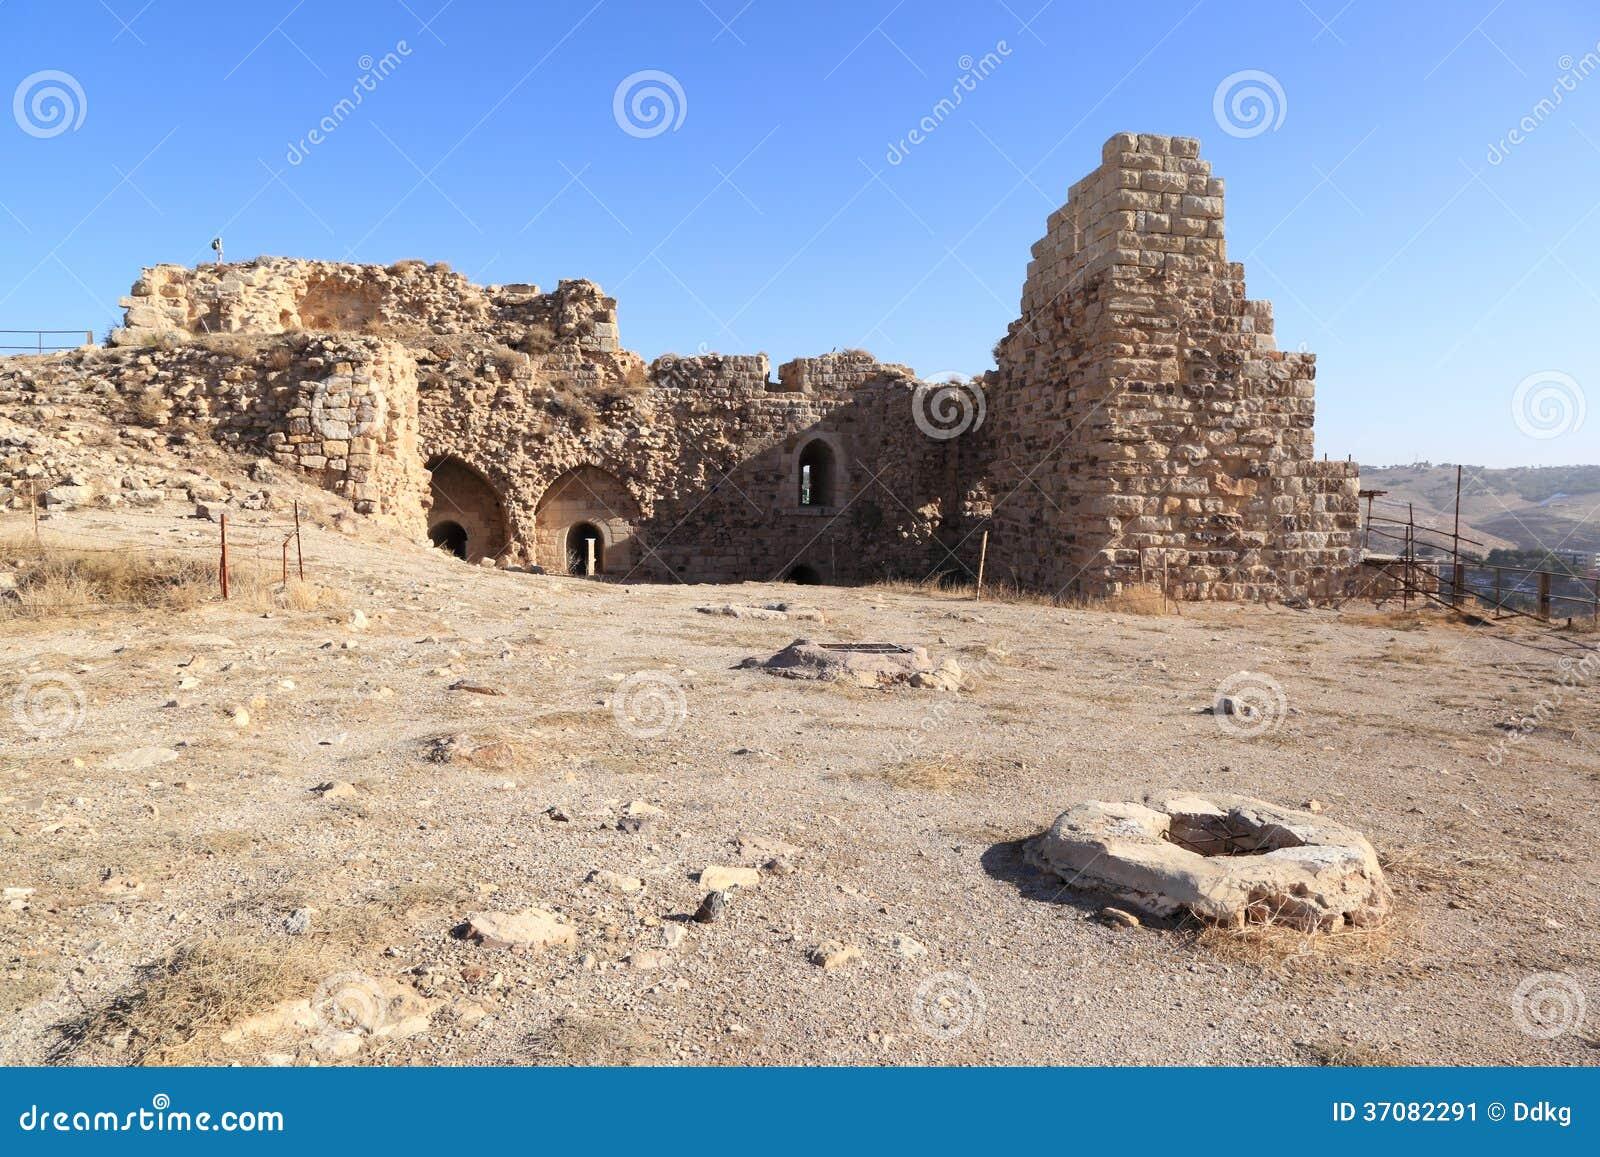 Download Kerak Krzyżowa Forteca, Jordania Obraz Stock - Obraz złożonej z wschód, turystyka: 37082291